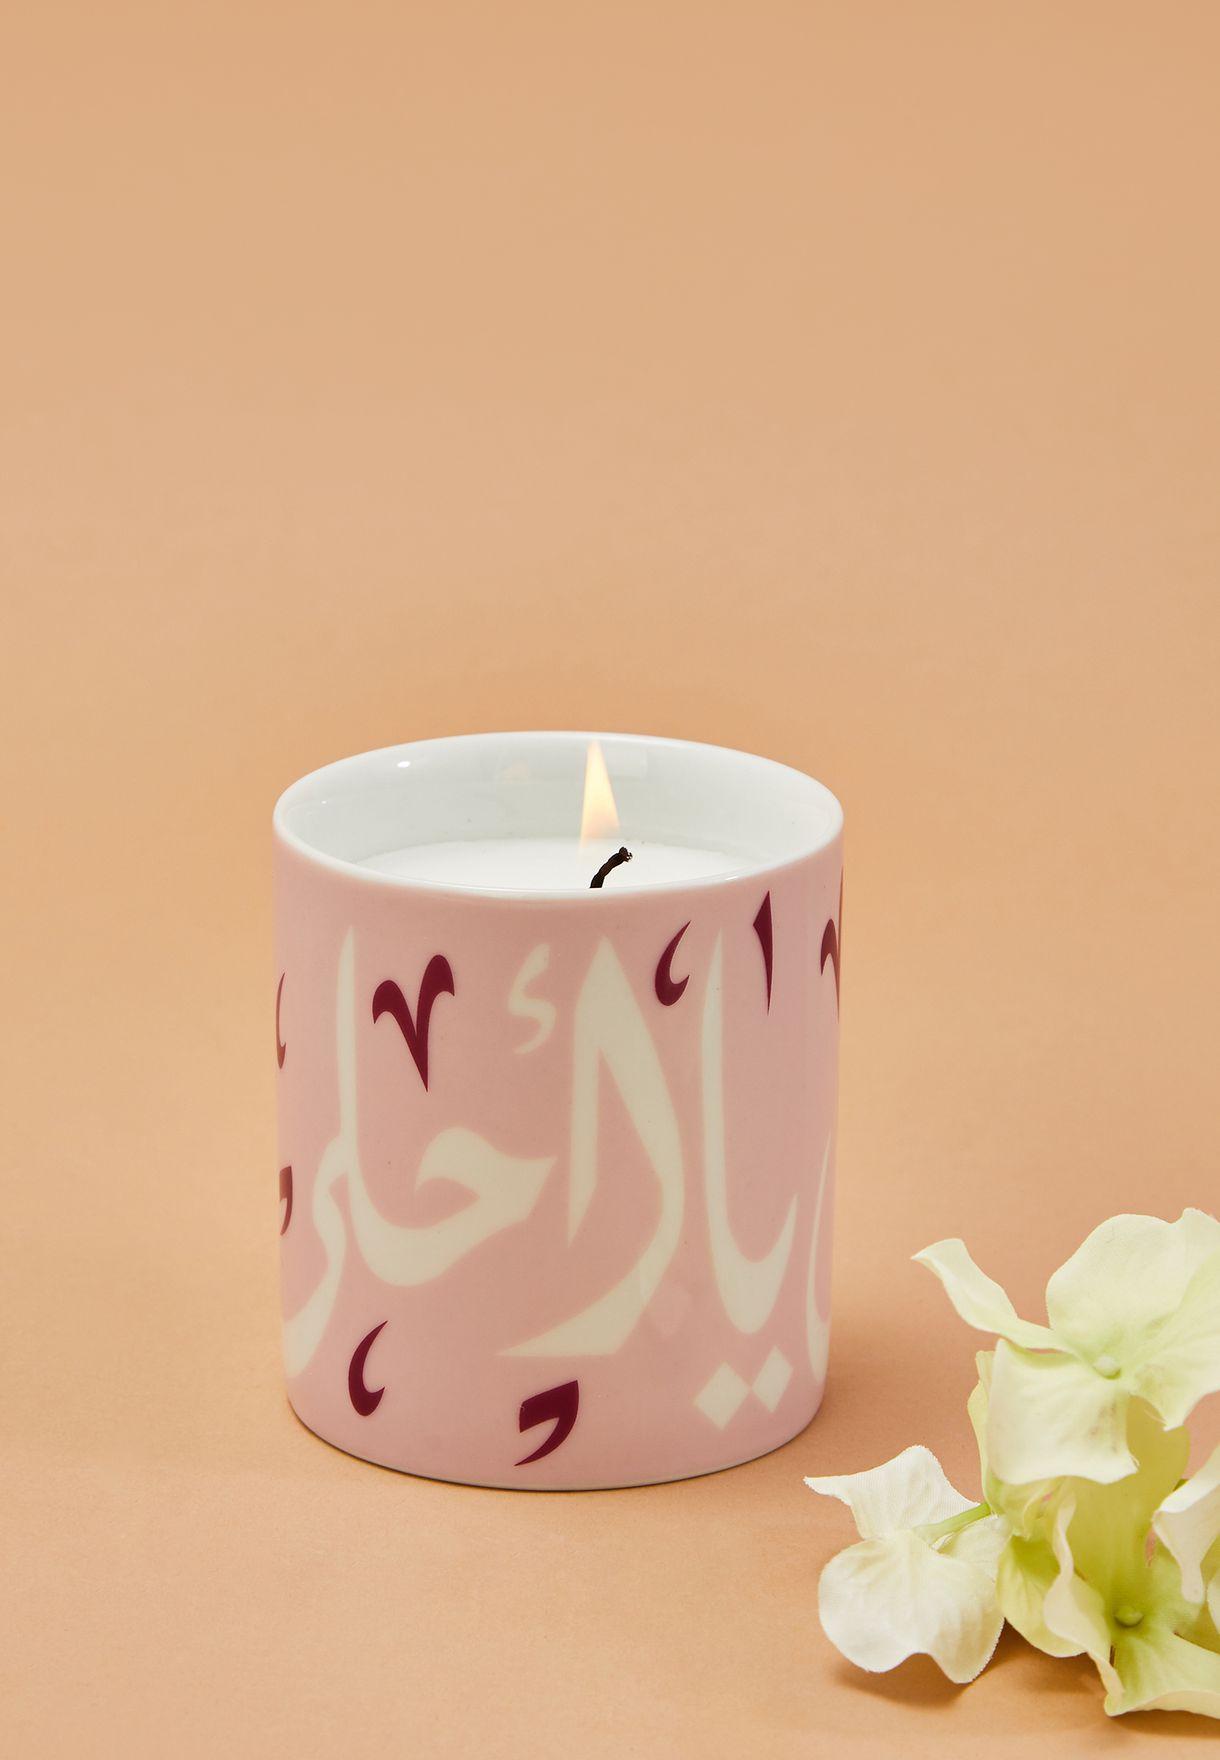 شمعة عطرية بطبعة كتابة بالعربية